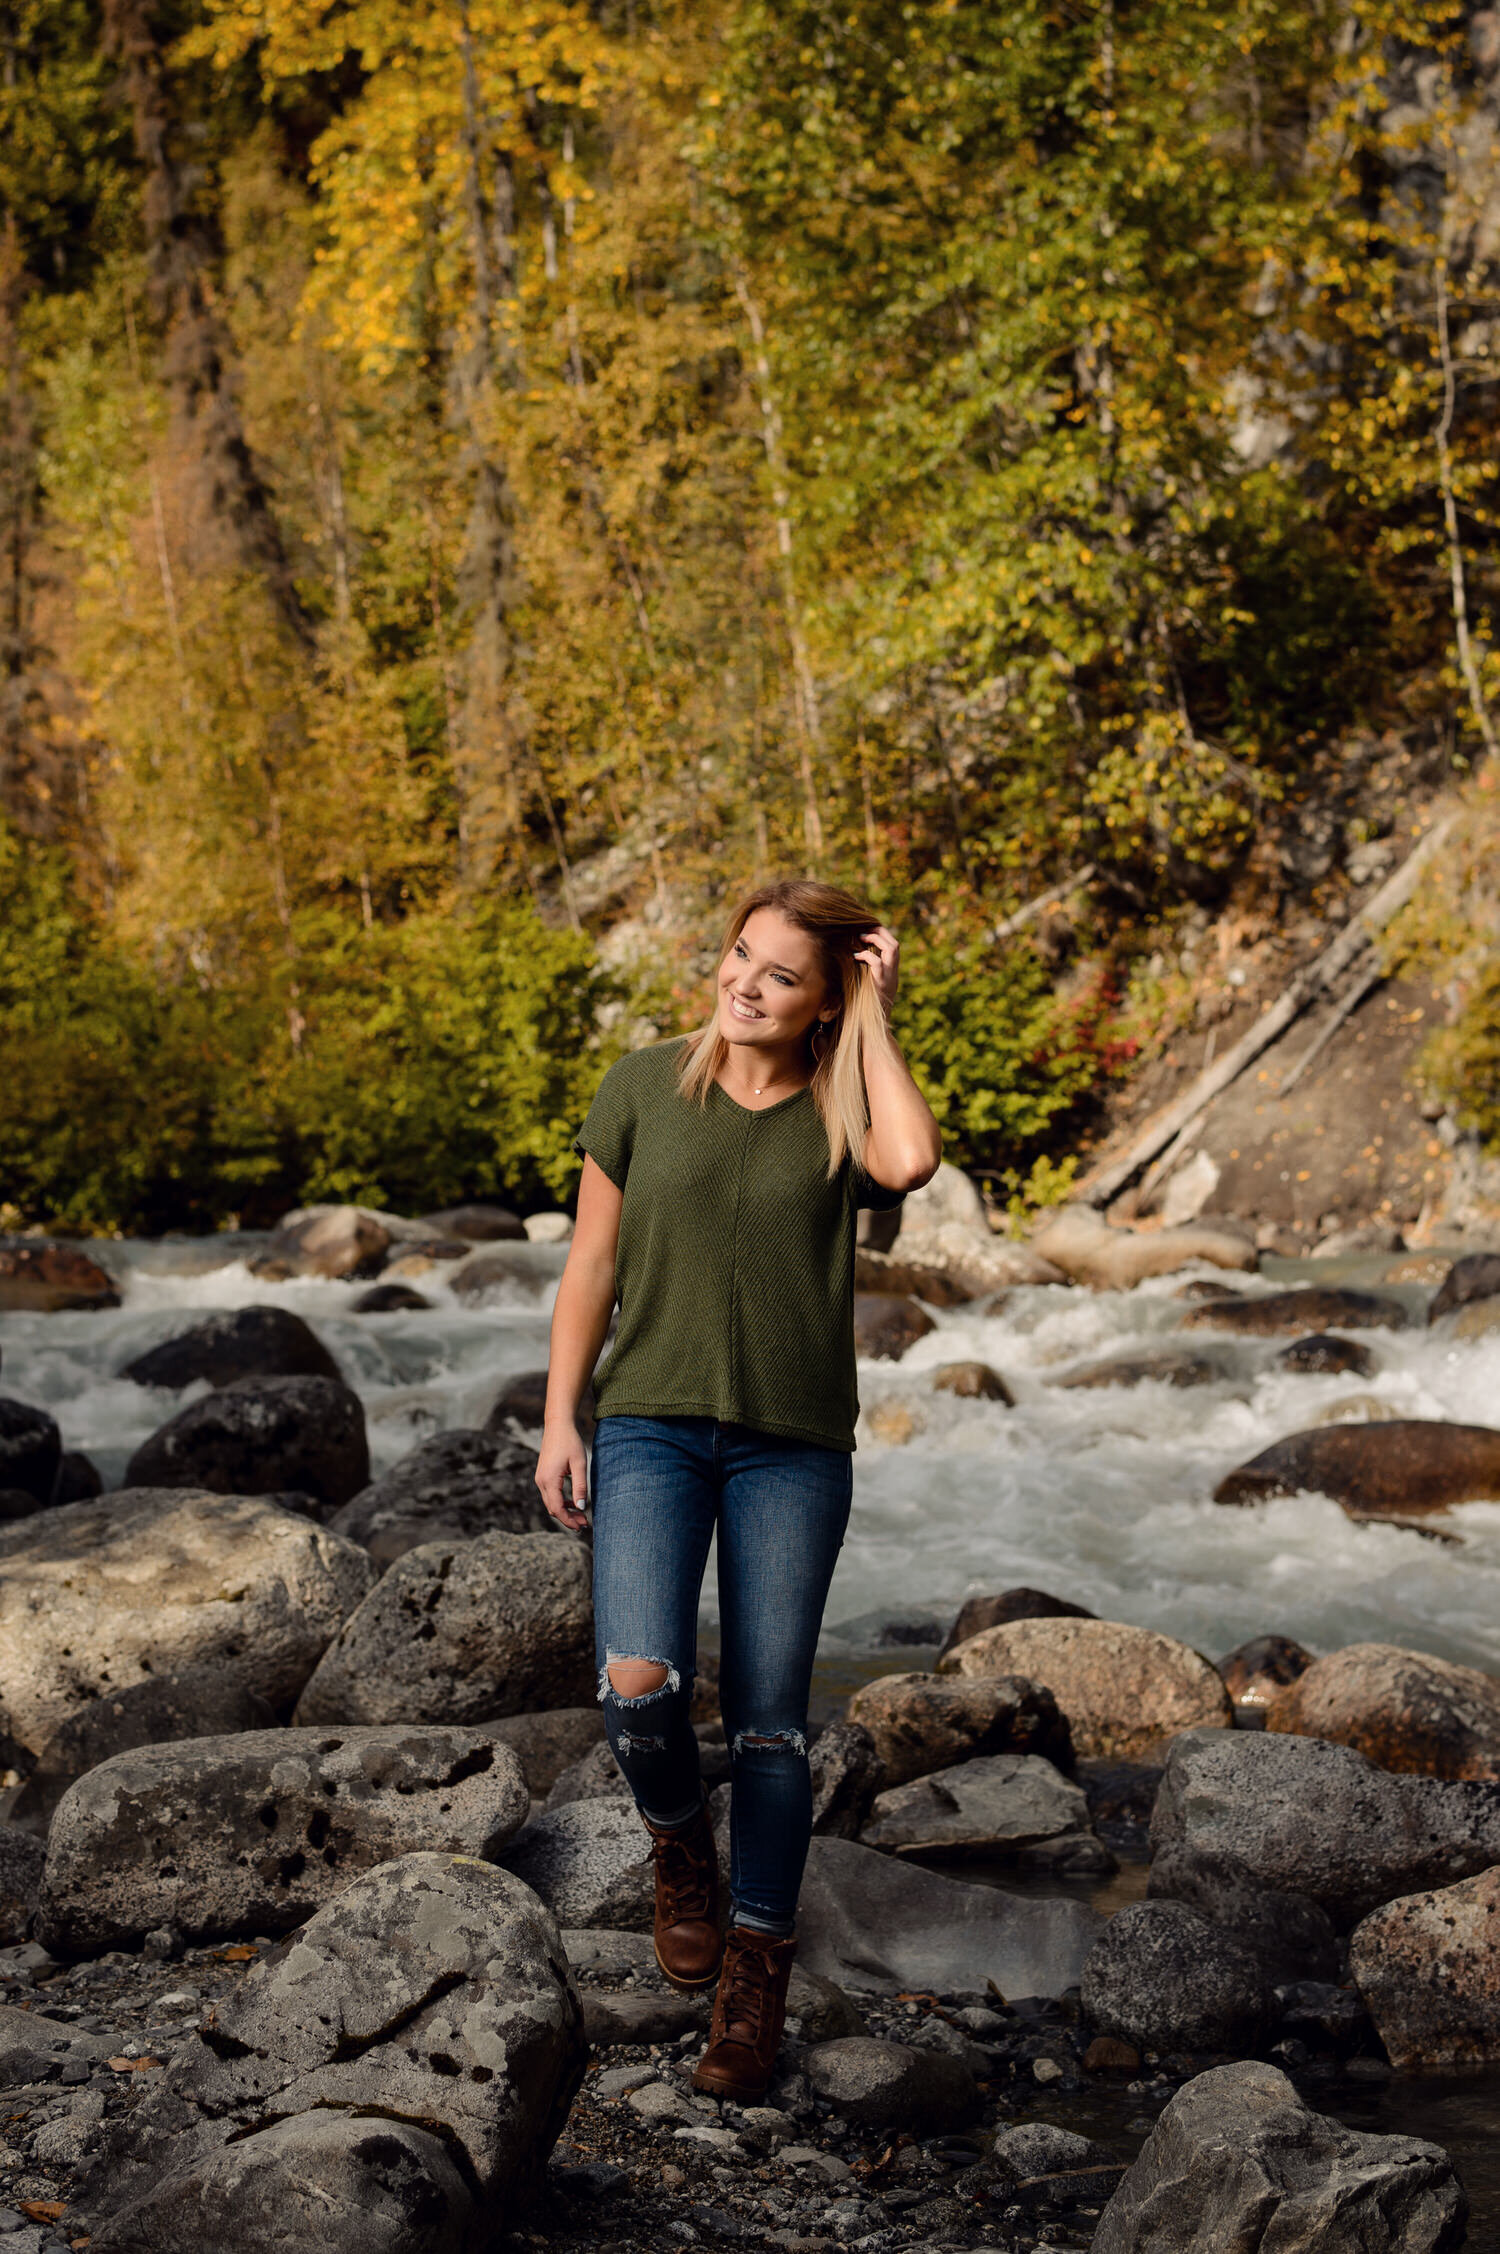 Alaska senior girl portrait